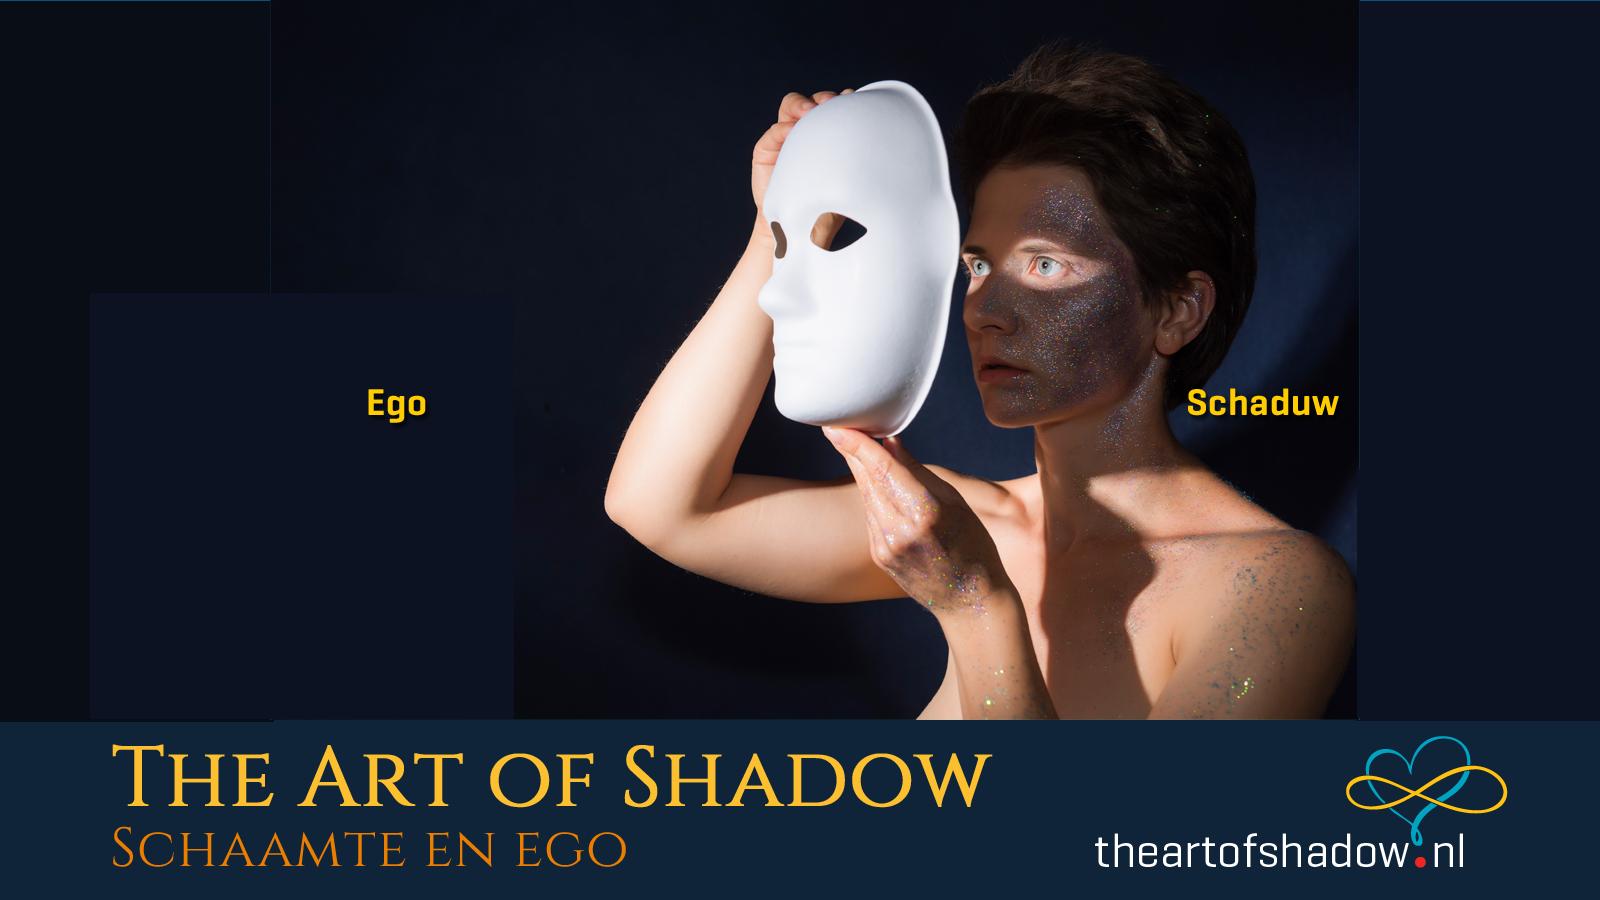 Schaamte ontdooien met het ontmaskerspel The Art of Shadow